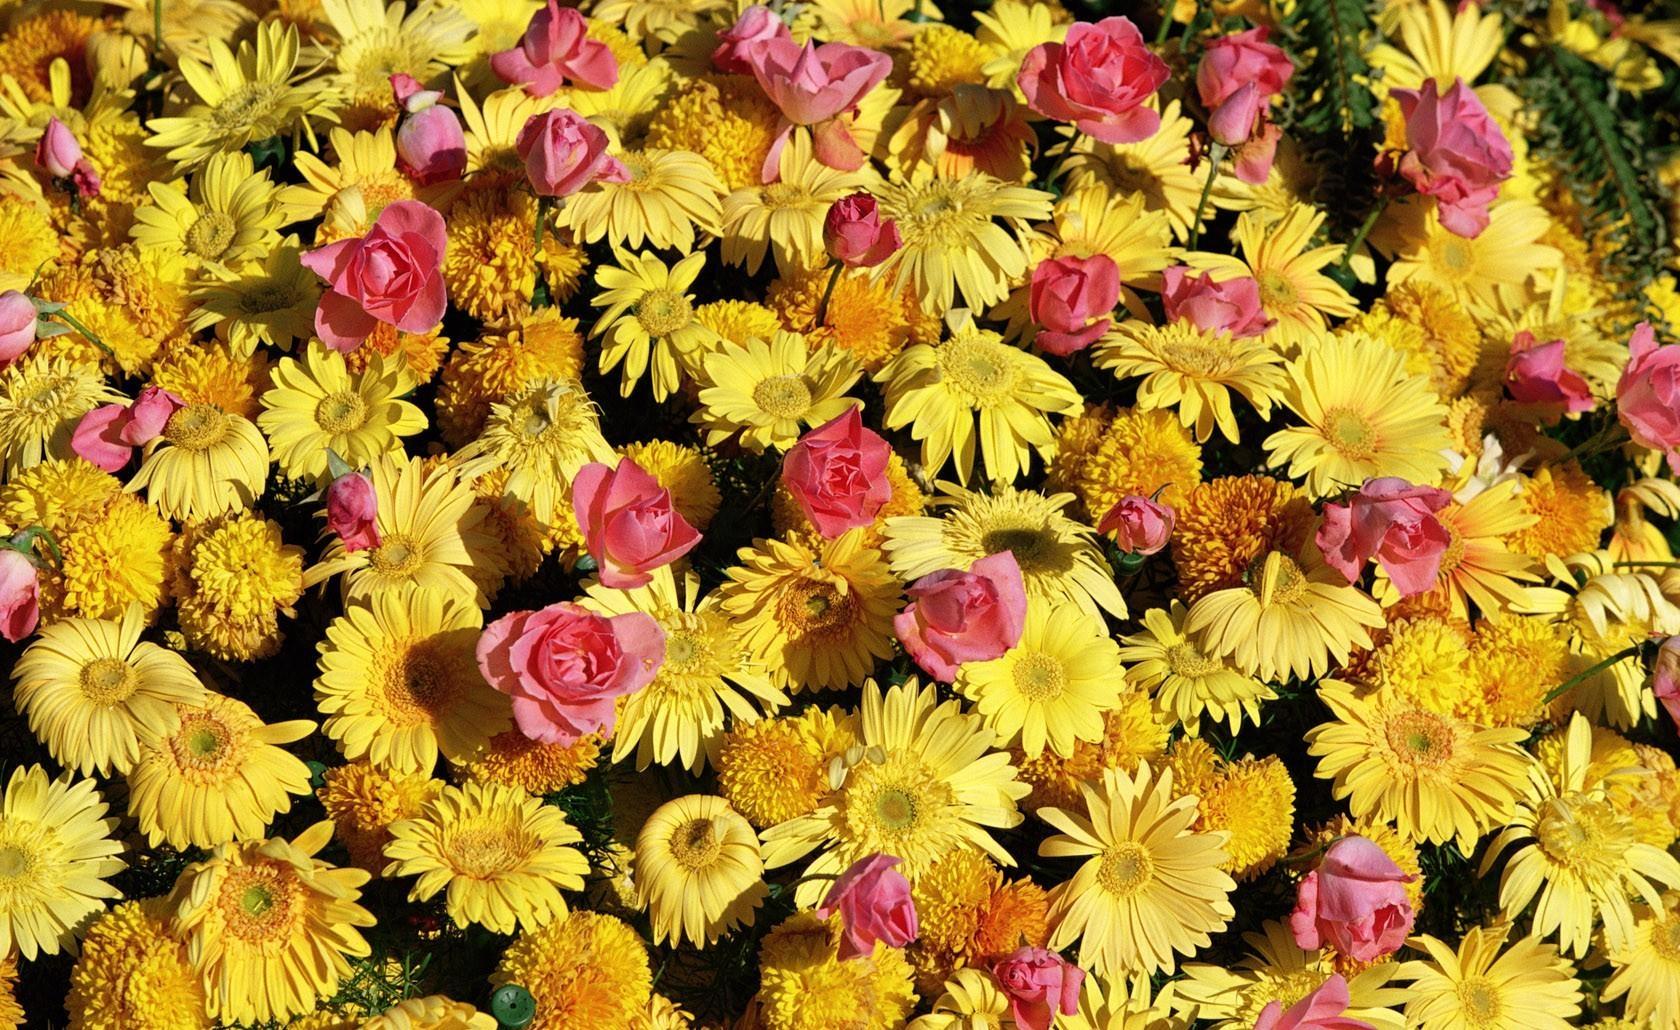 74329 скачать обои Цветы, Множество, Розы, Герберы - заставки и картинки бесплатно